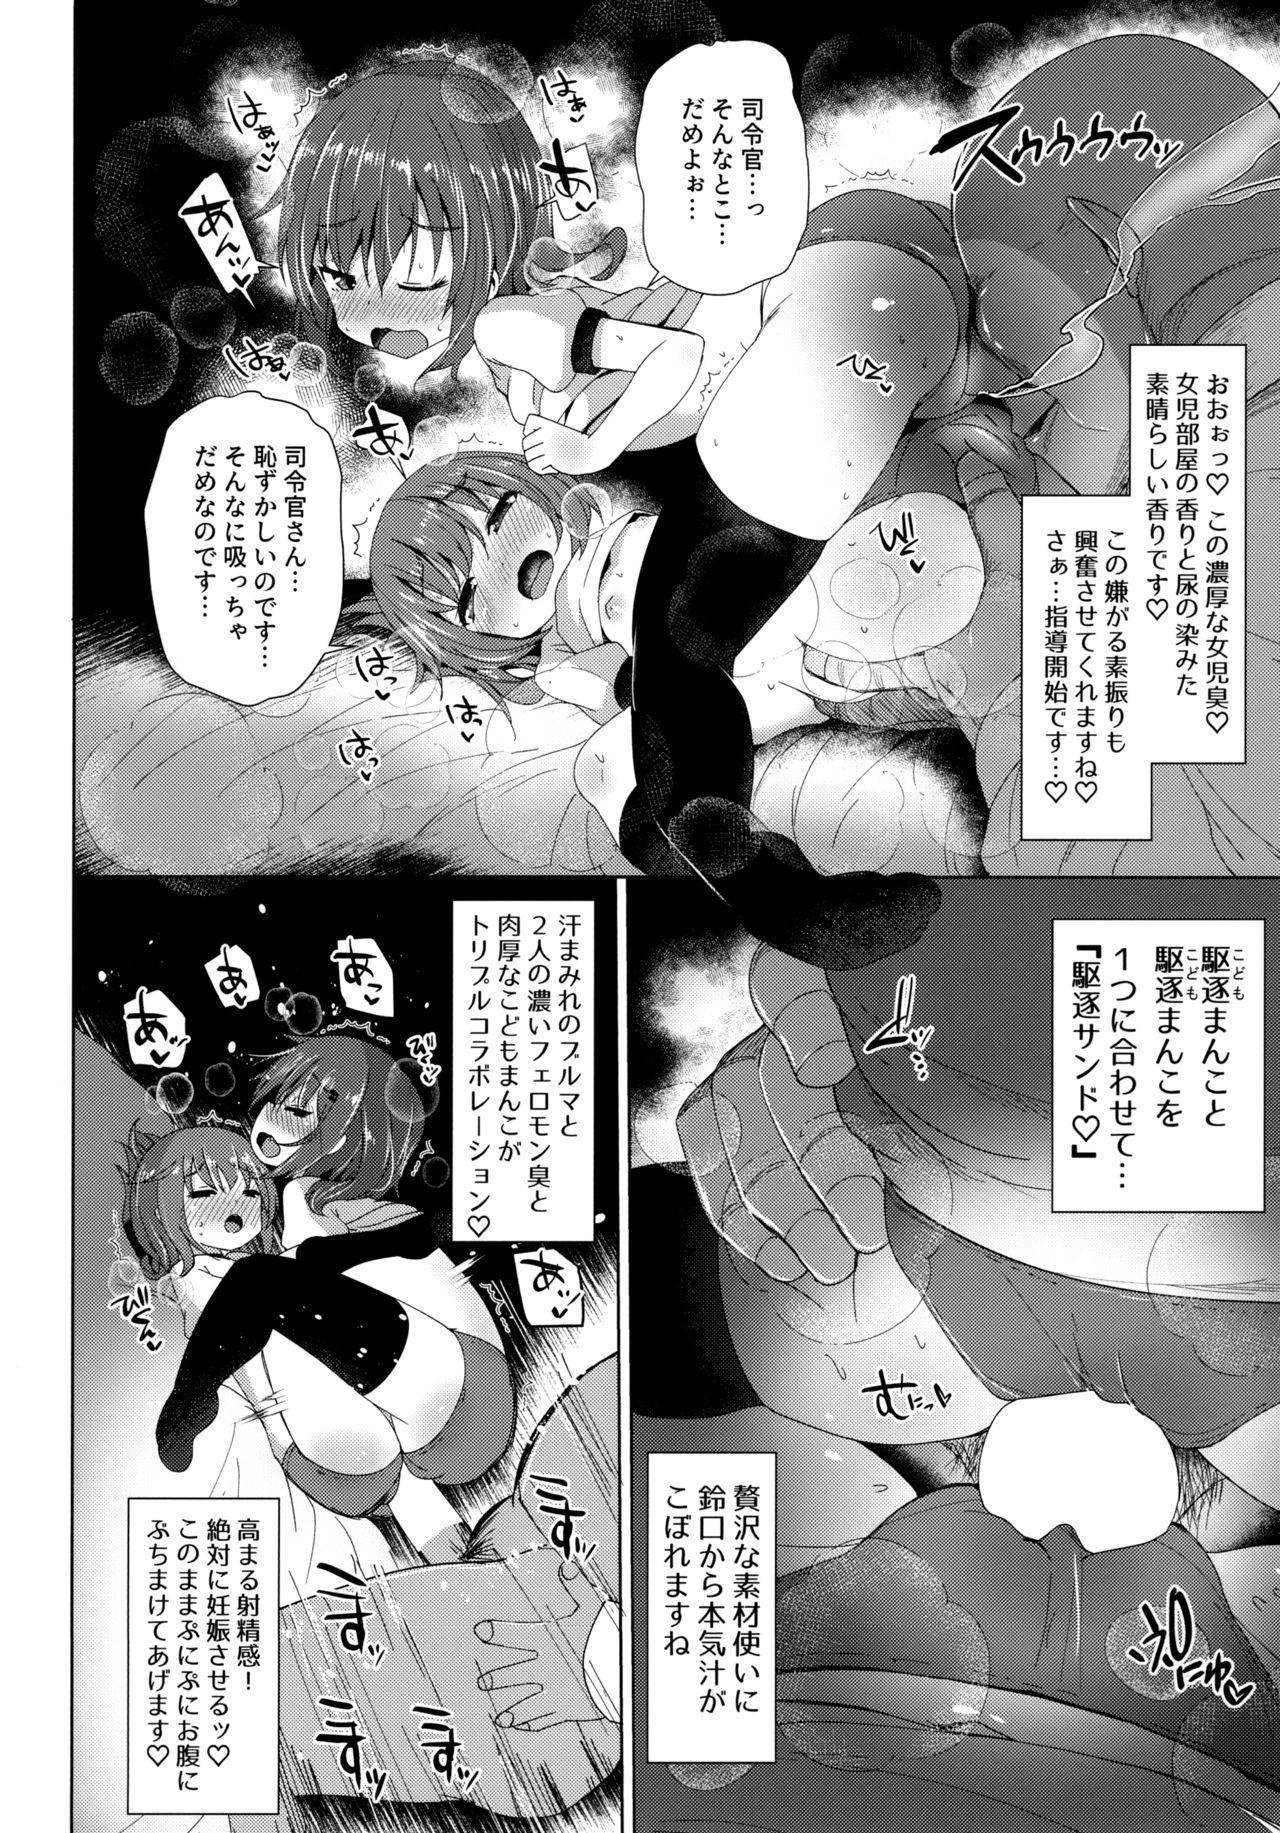 Dairoku Seikatsu 12